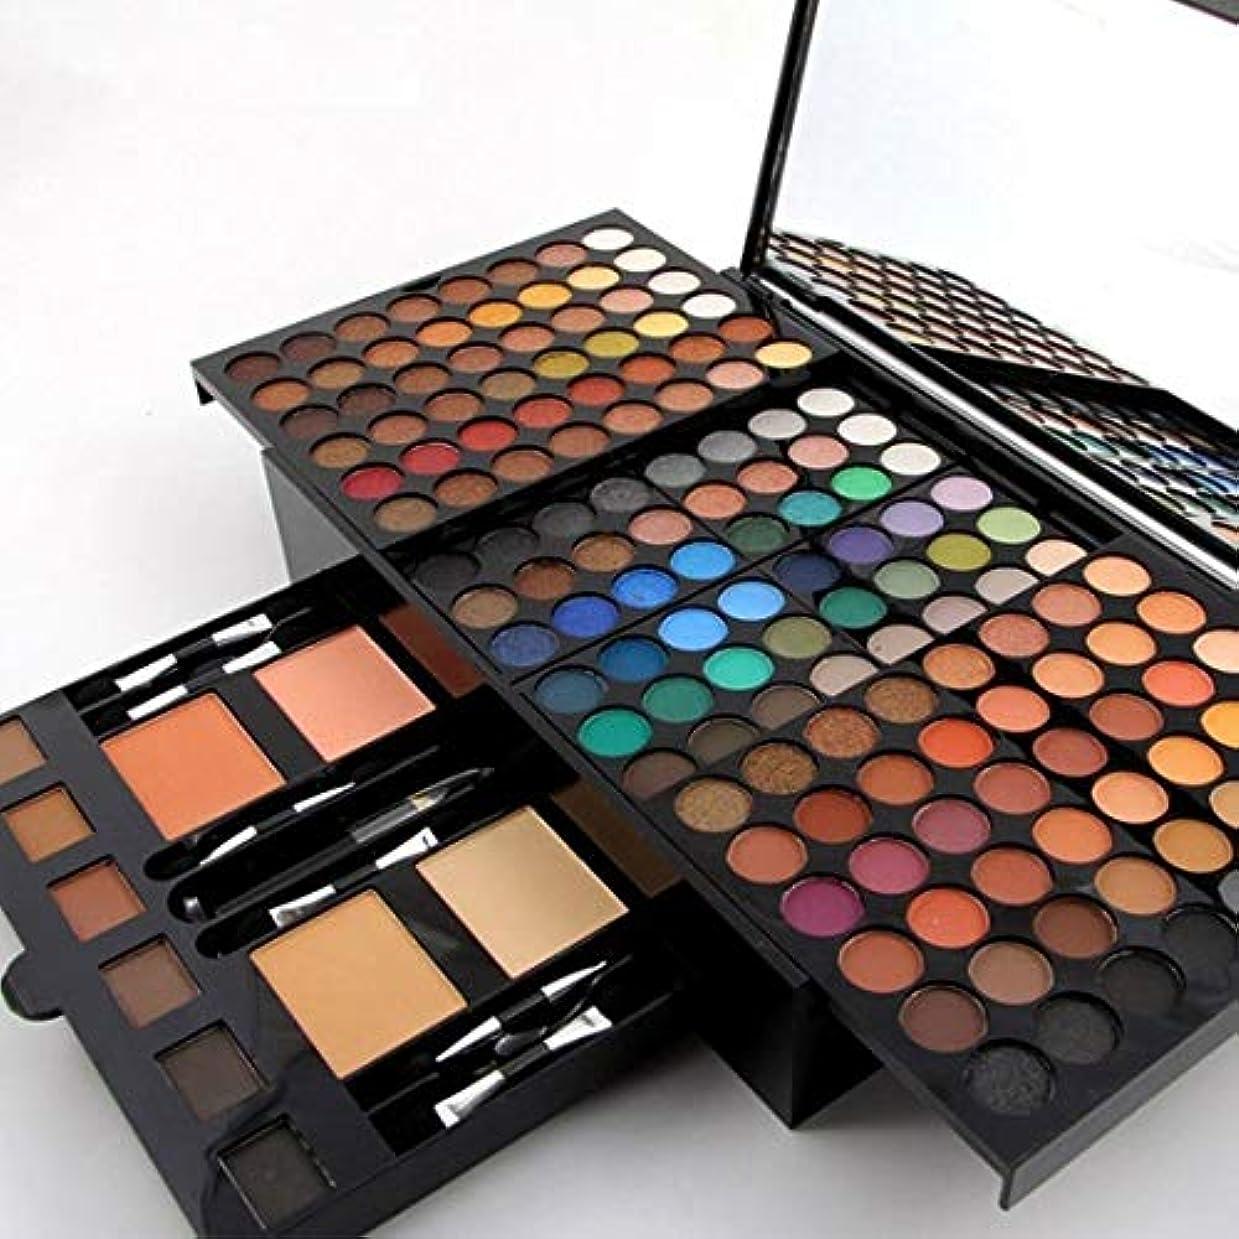 建設建設ケニアMISS ROSE 180 Colors Professional Eyeshadow Palette Makeup Set with Makeup Brushes Mirror Shrink Matte & Shimmer...